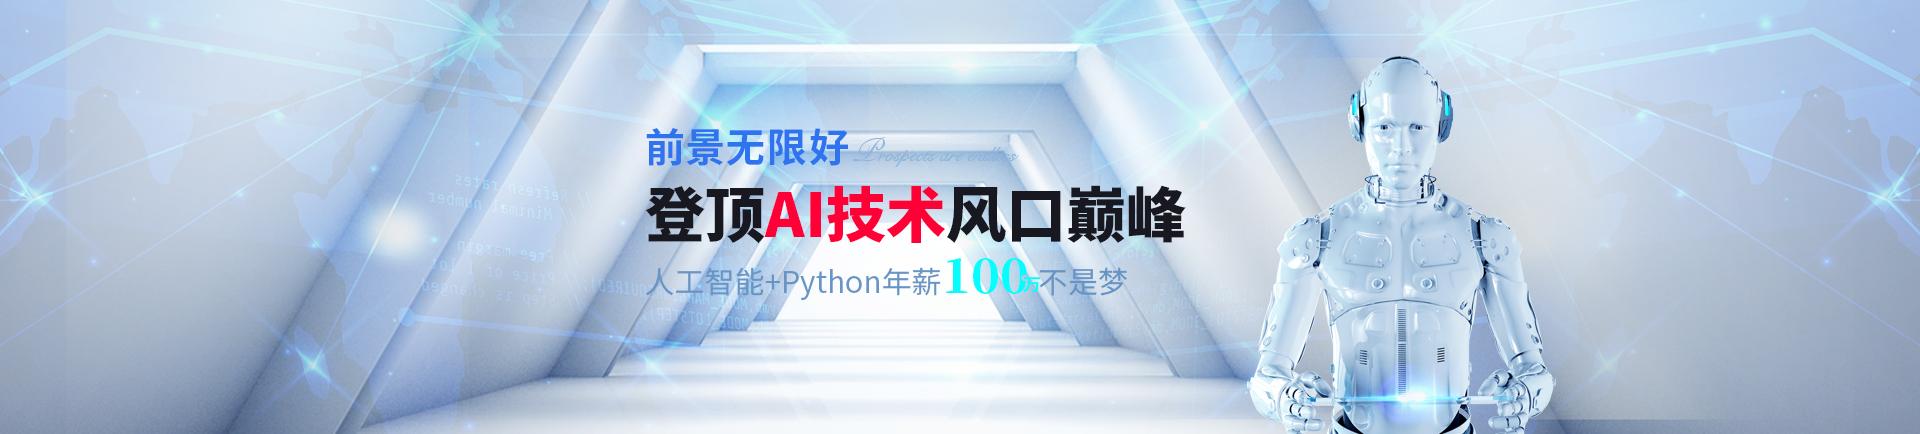 登顶AI技术风�巅峰 人工智能+Python年薪100万�是梦-wuhan